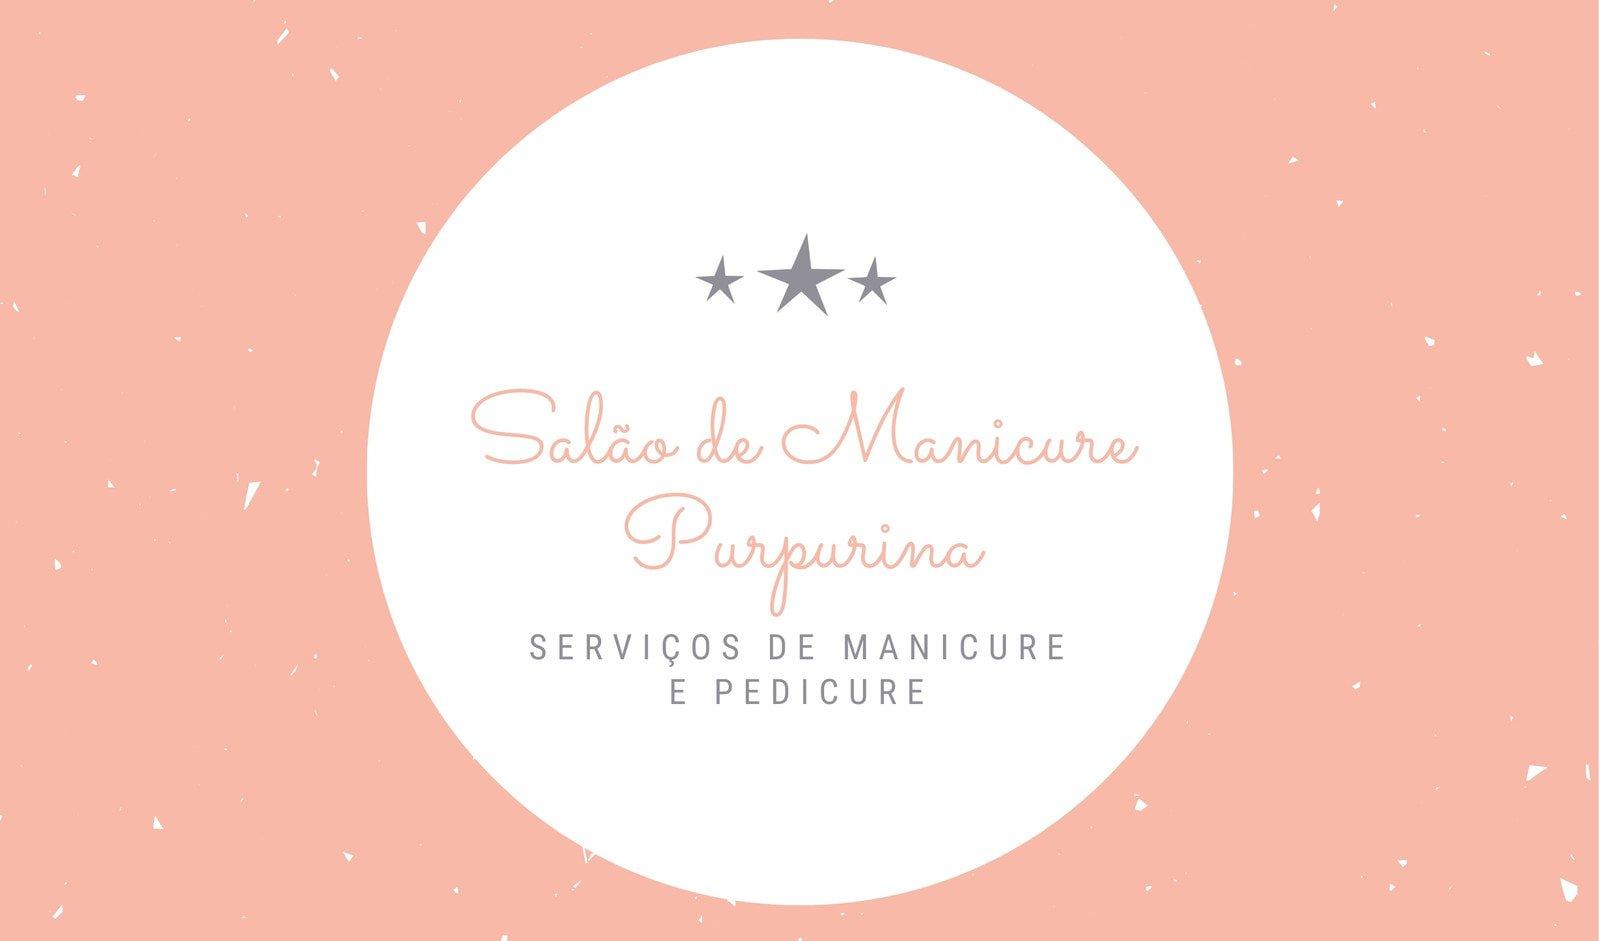 Amarelo e Rosa Estrelas  Cartão de Visita de salão de manicure